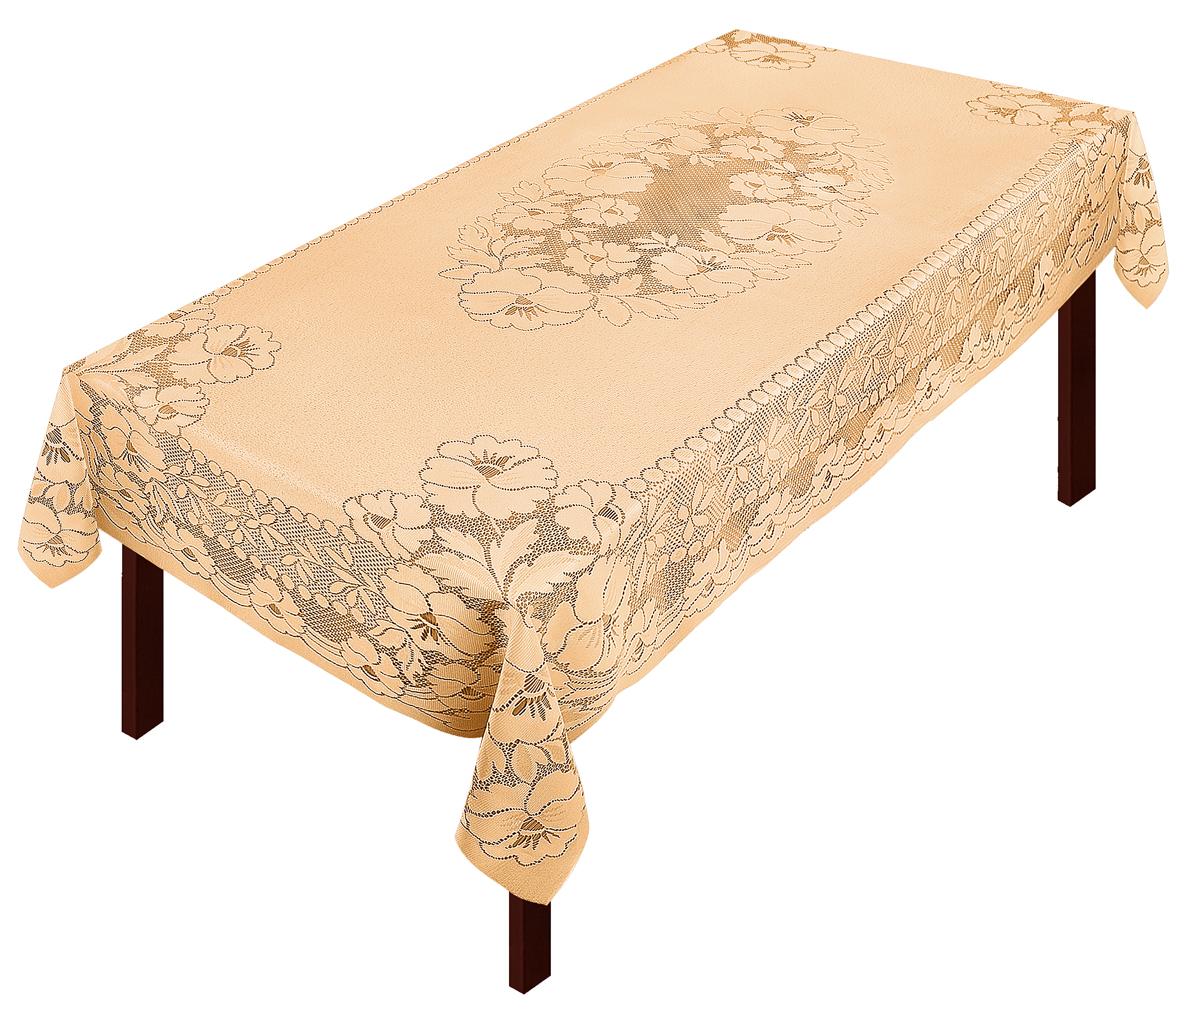 Скатерть Zlata Korunka, прямоугольная, цвет: золотистый, 250 х 150 см80034Скатерть выполнена из полиэстера жаккардового переплетения, не скользит со стола, легко стирается и прослужит Вам долгое время.